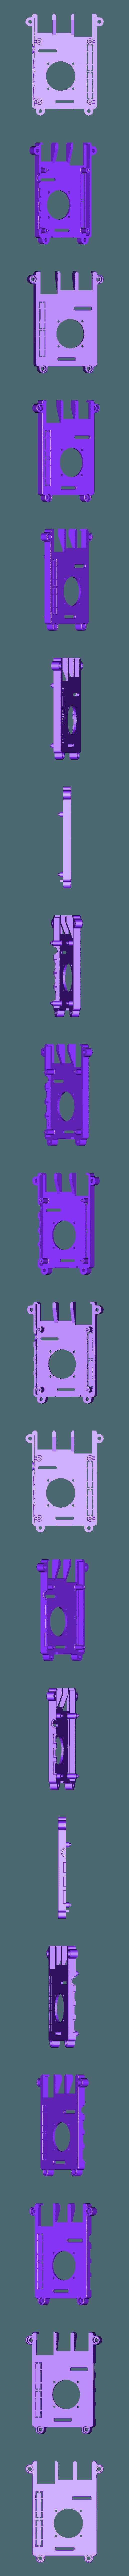 SLIM_30MM_SLOTTED_BLANK.STL Télécharger fichier STL gratuit Étui Pi 4B Framboise Framboise • Objet pour imprimante 3D, mkellsy